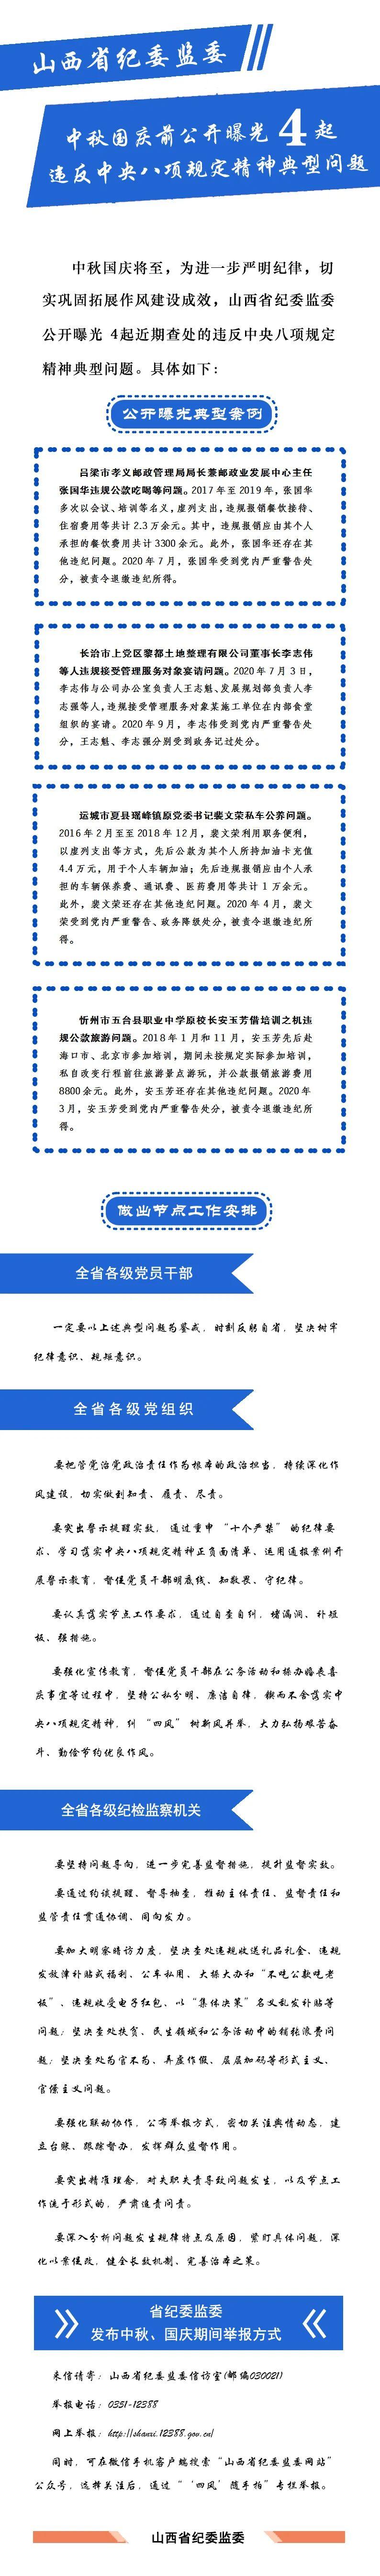 省纪委监委中秋国庆前公开曝光4起违反中央八项规定精神典型问题图片